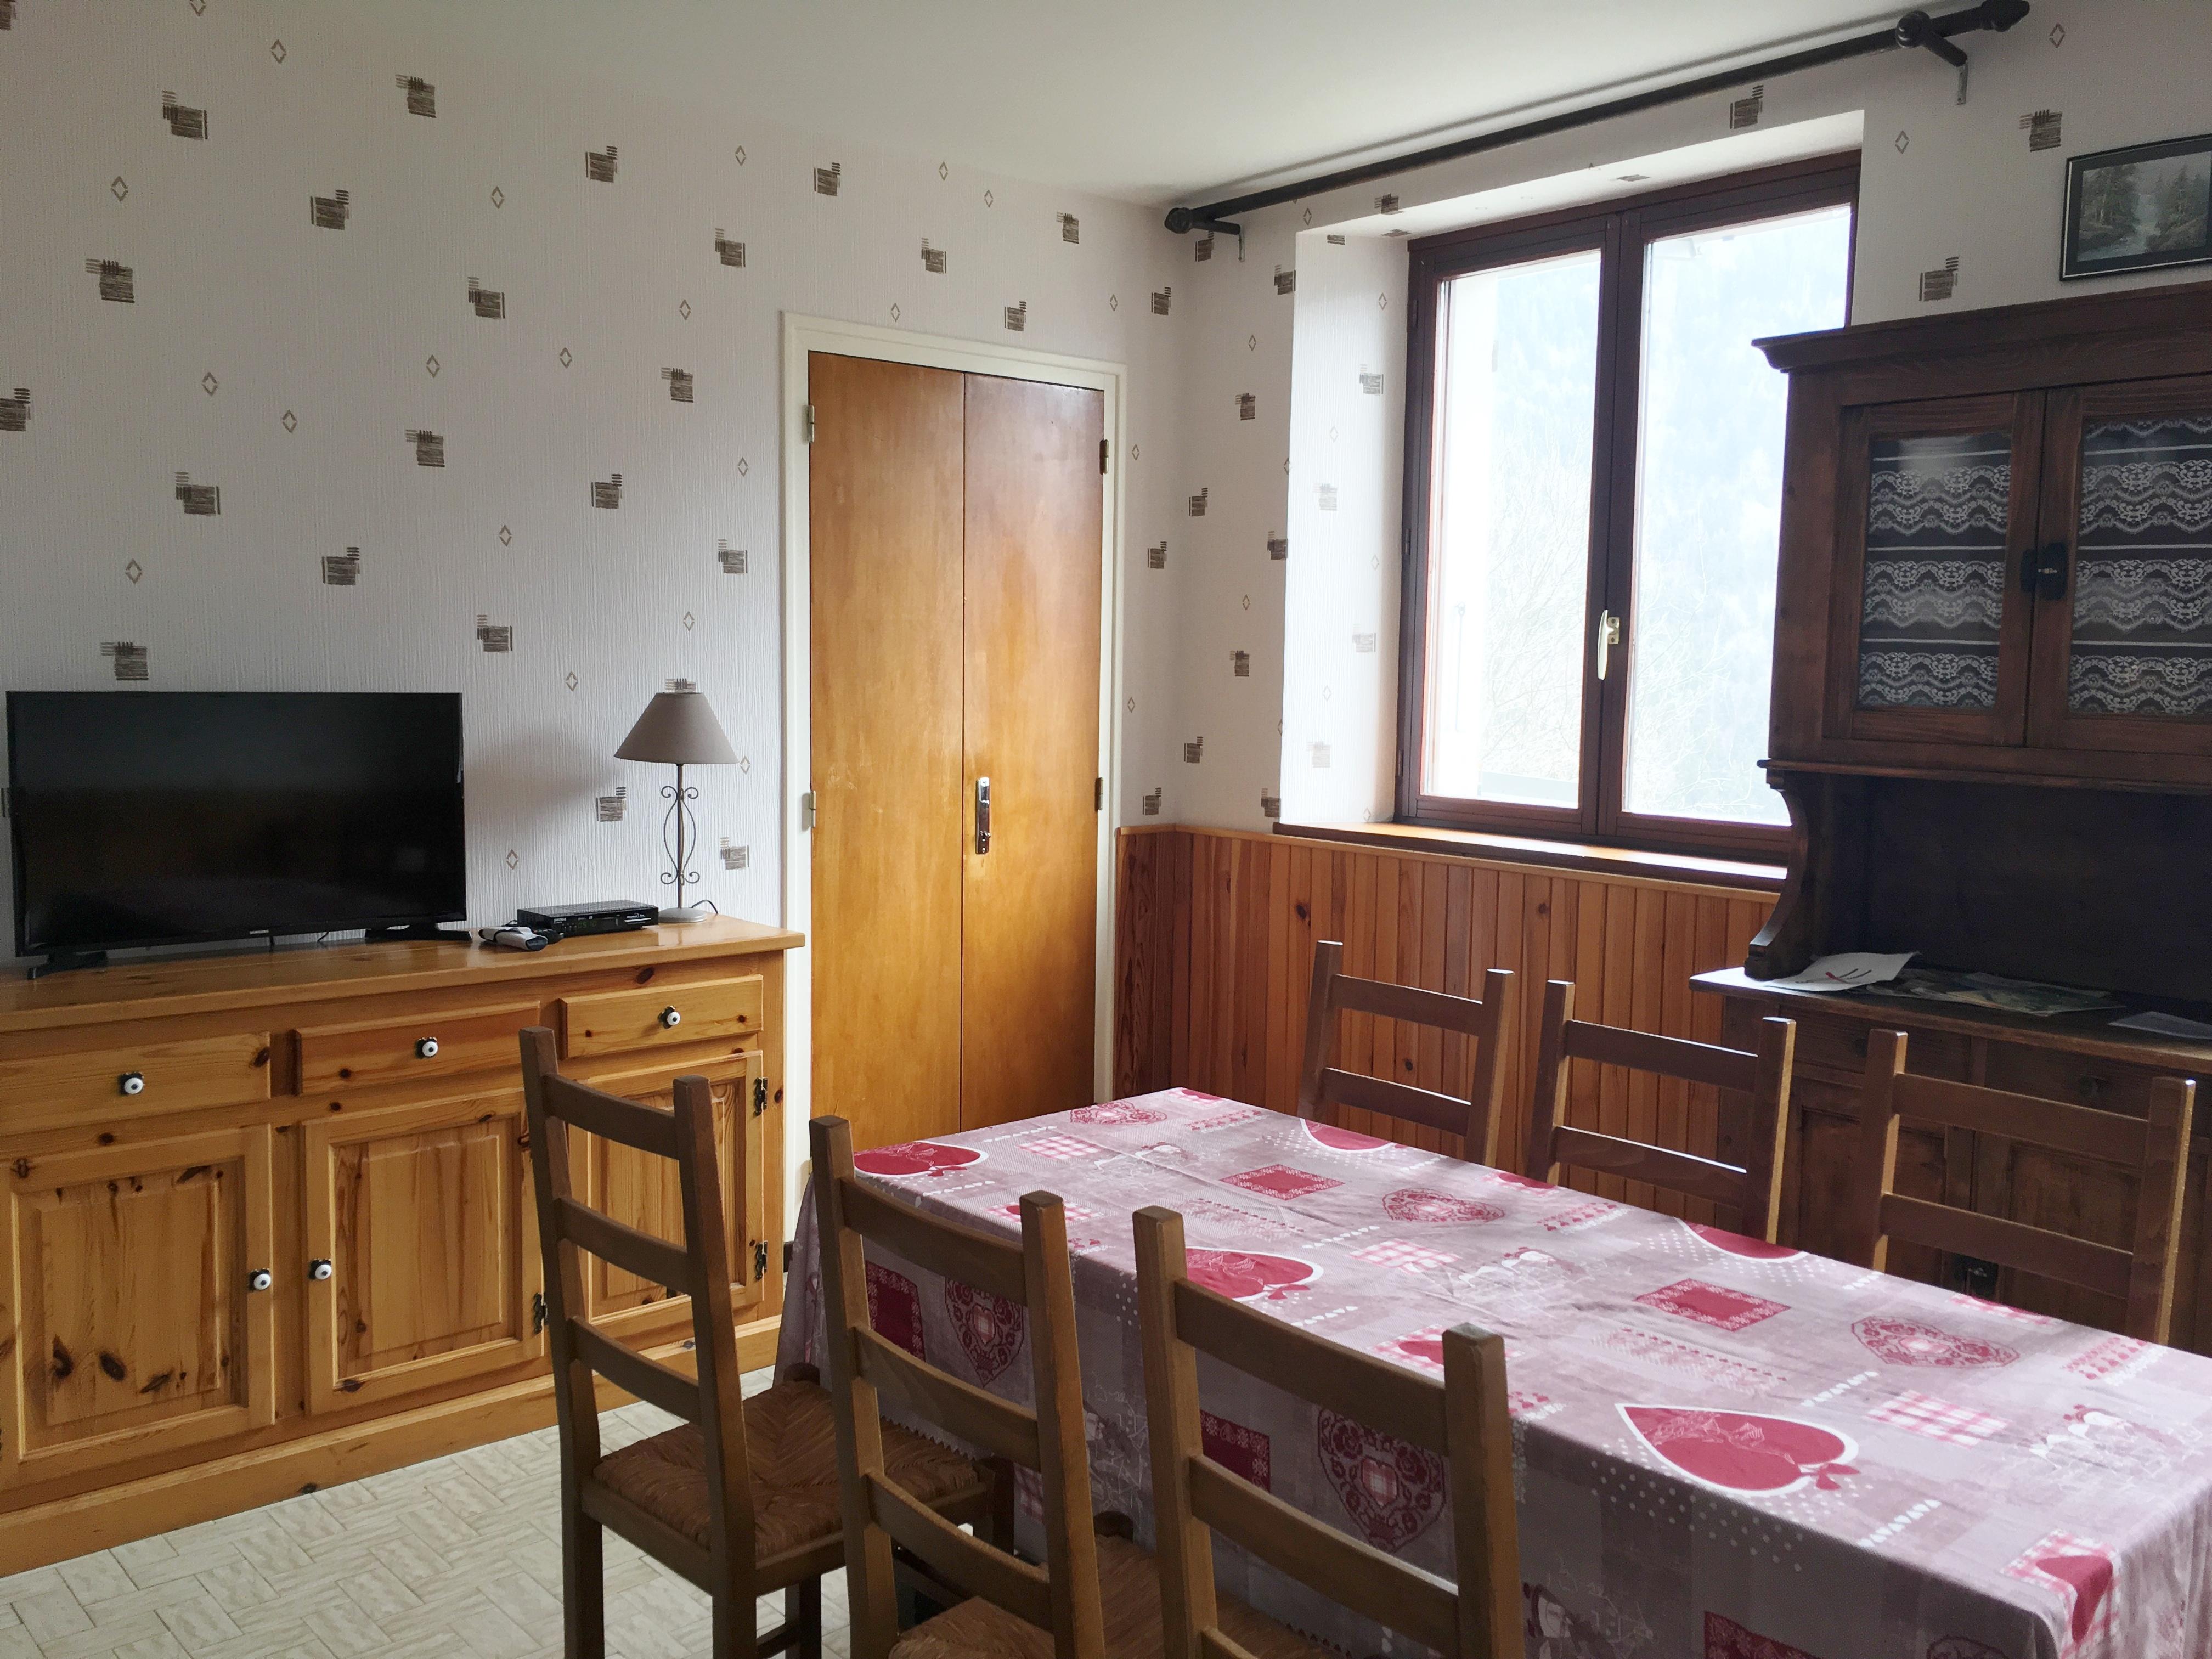 Image accueil de la page Gîte Mairie du site Montsapey